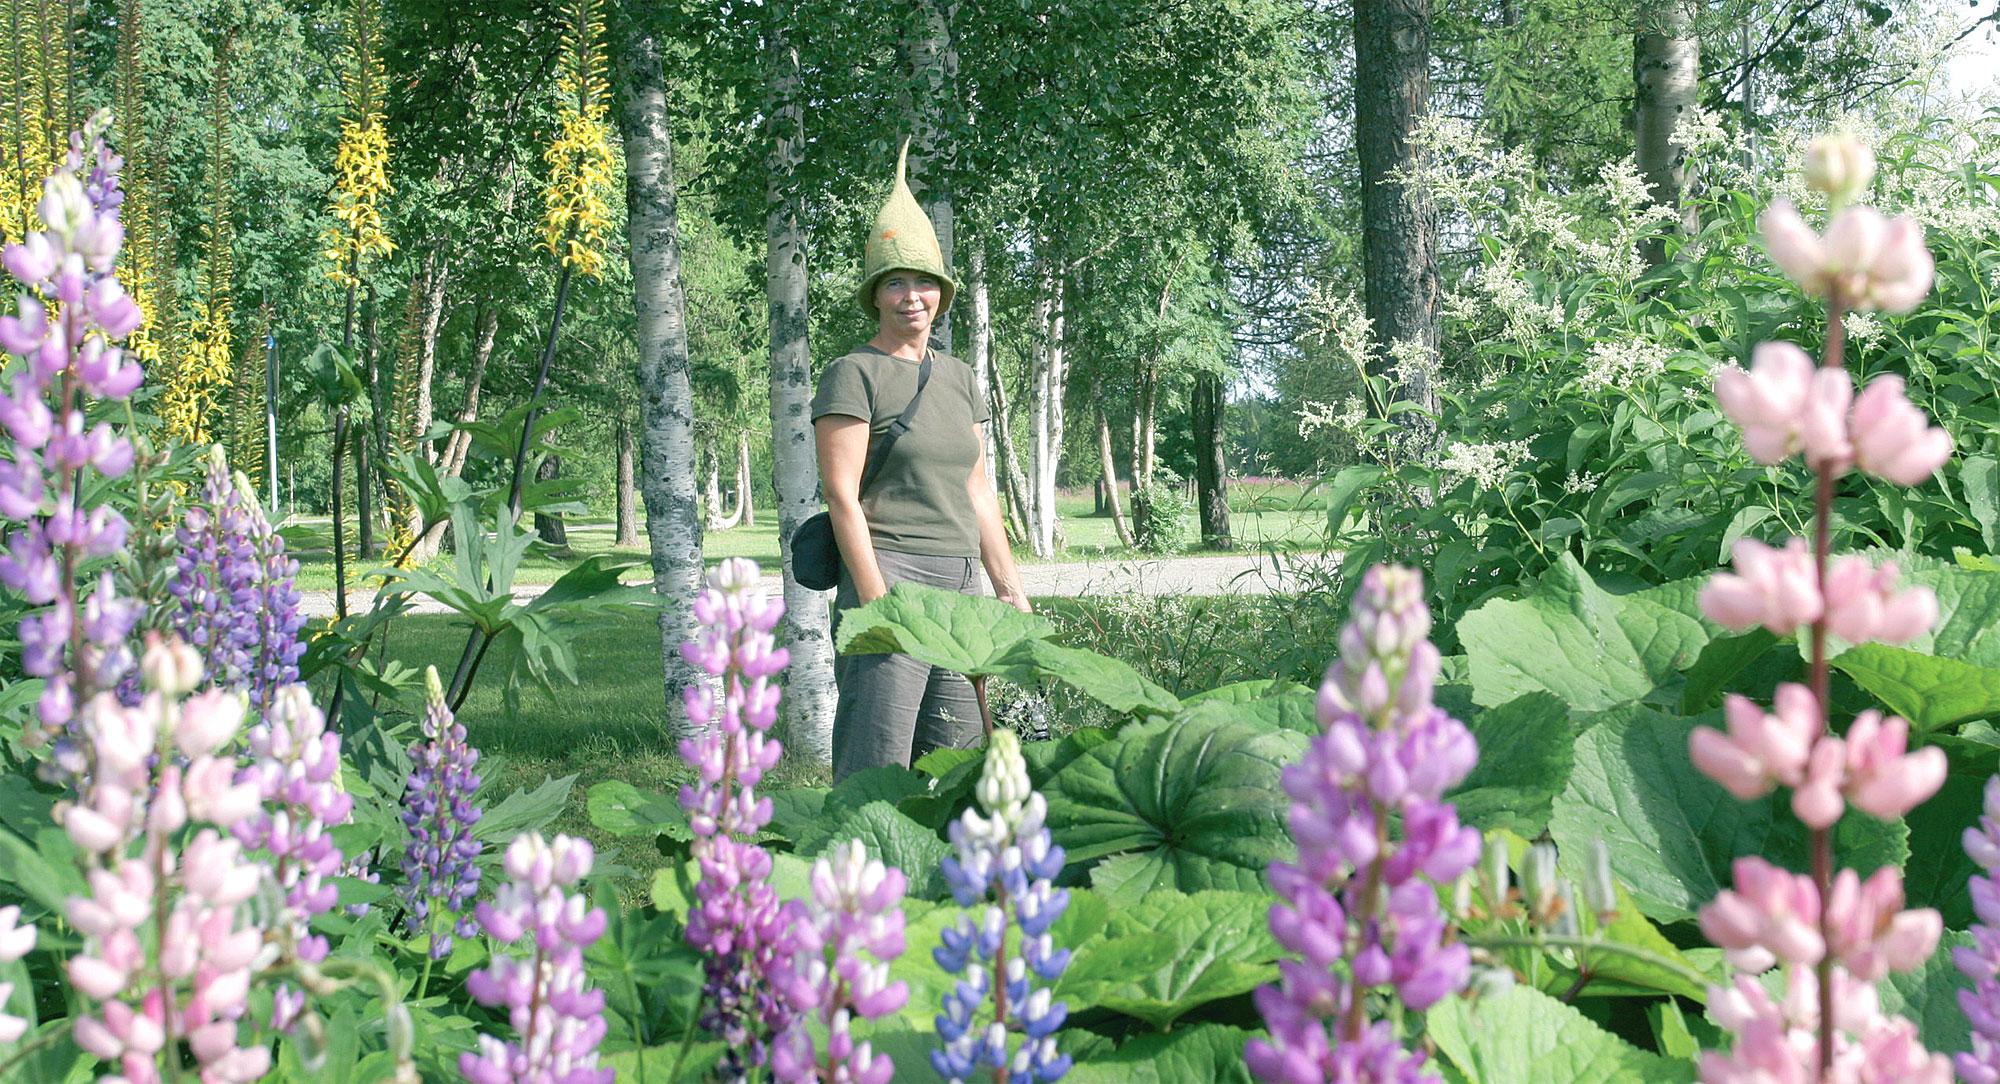 Terttu Tuovila tarkastelee perennapenkkiä, jossa kasvaa toistakymmentä suurperennaa, kuten näyttävälehtinen ruttojuuri, vaaleakukkainen röyhytatar ja keltakukkainen valtikkanauhus. Etualalla metrin mittainen komealupiini (Lupinus polyphyllos).